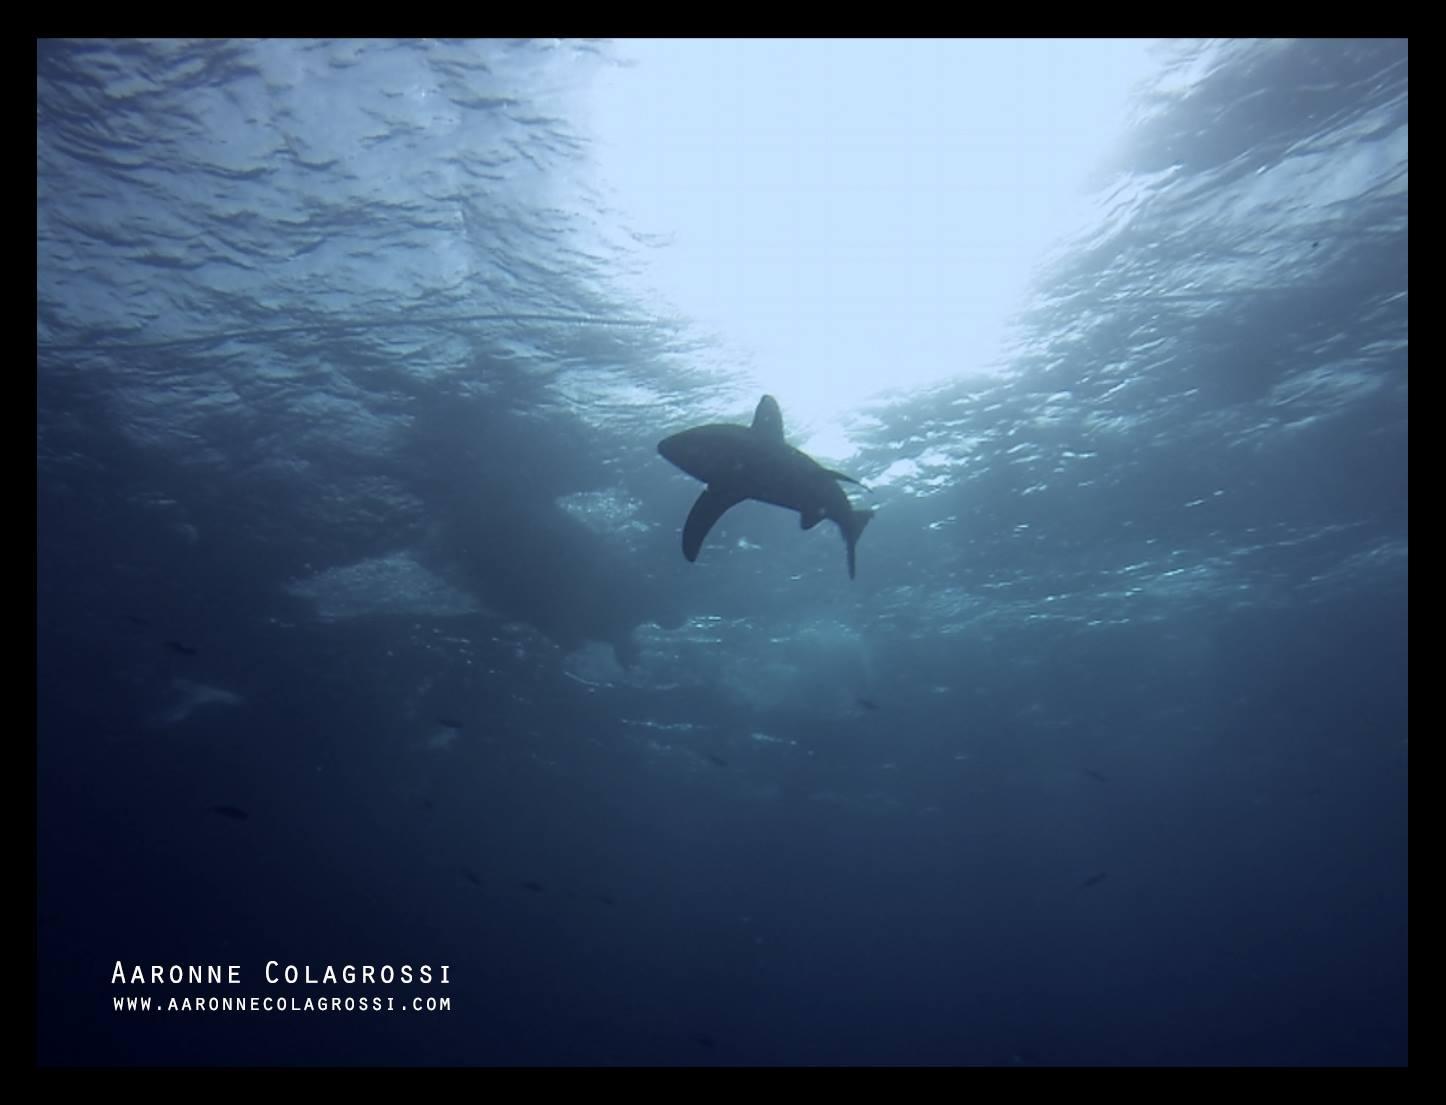 Avventure nel Mar Rosso di Aaronne Colgragrossi – intervistiamo l'autore